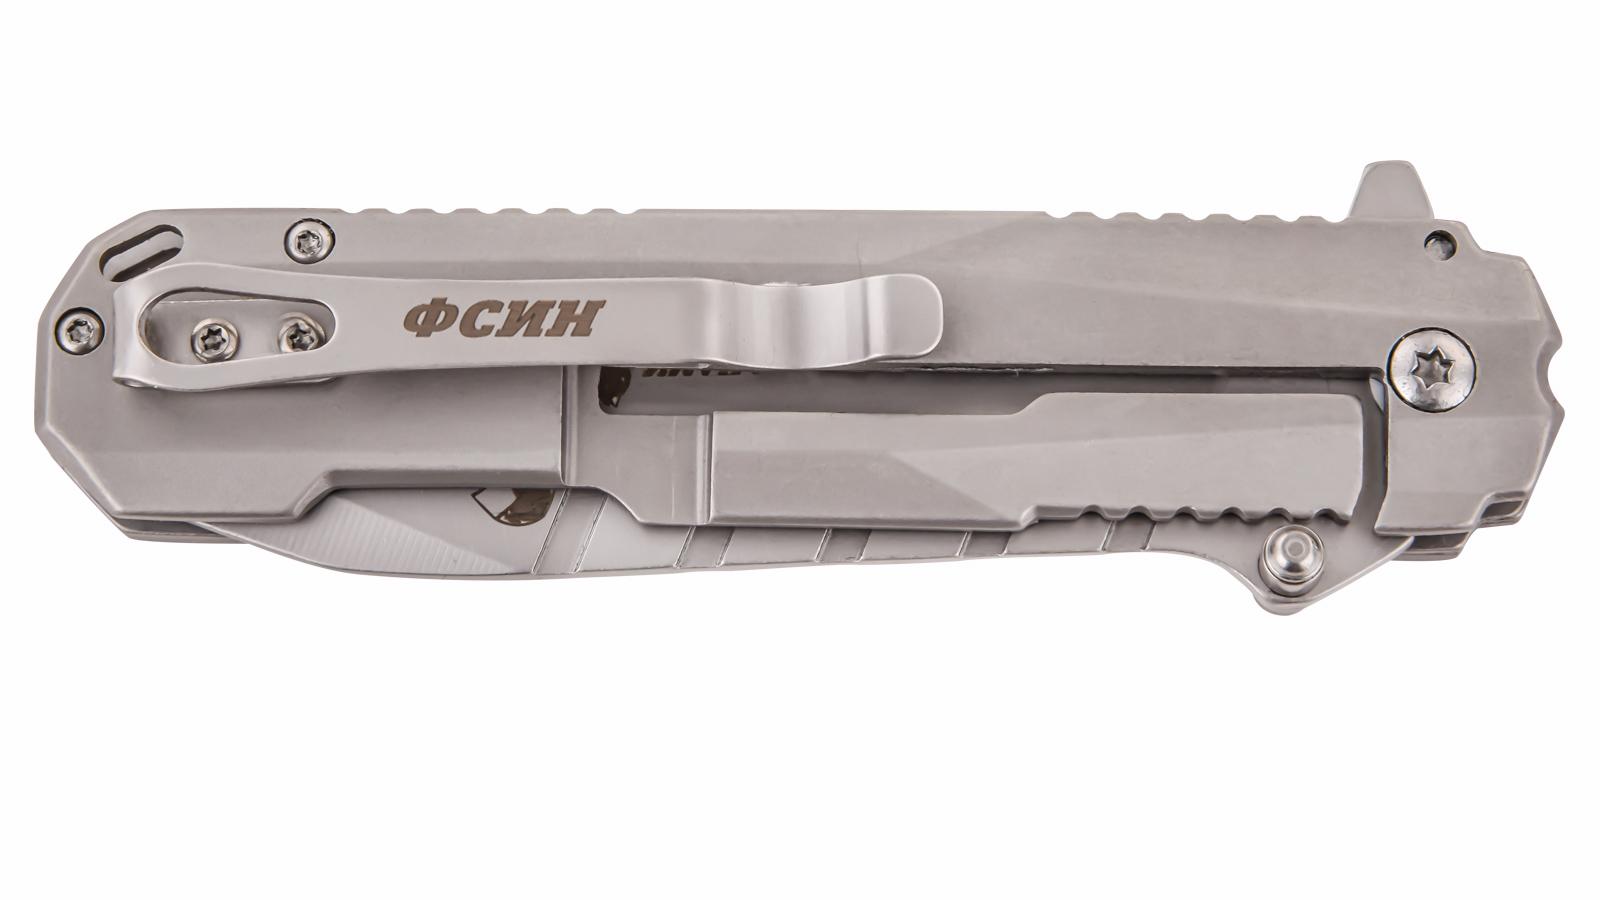 Тактический нож «ФСИН - Кто не с нами, тот у нас»